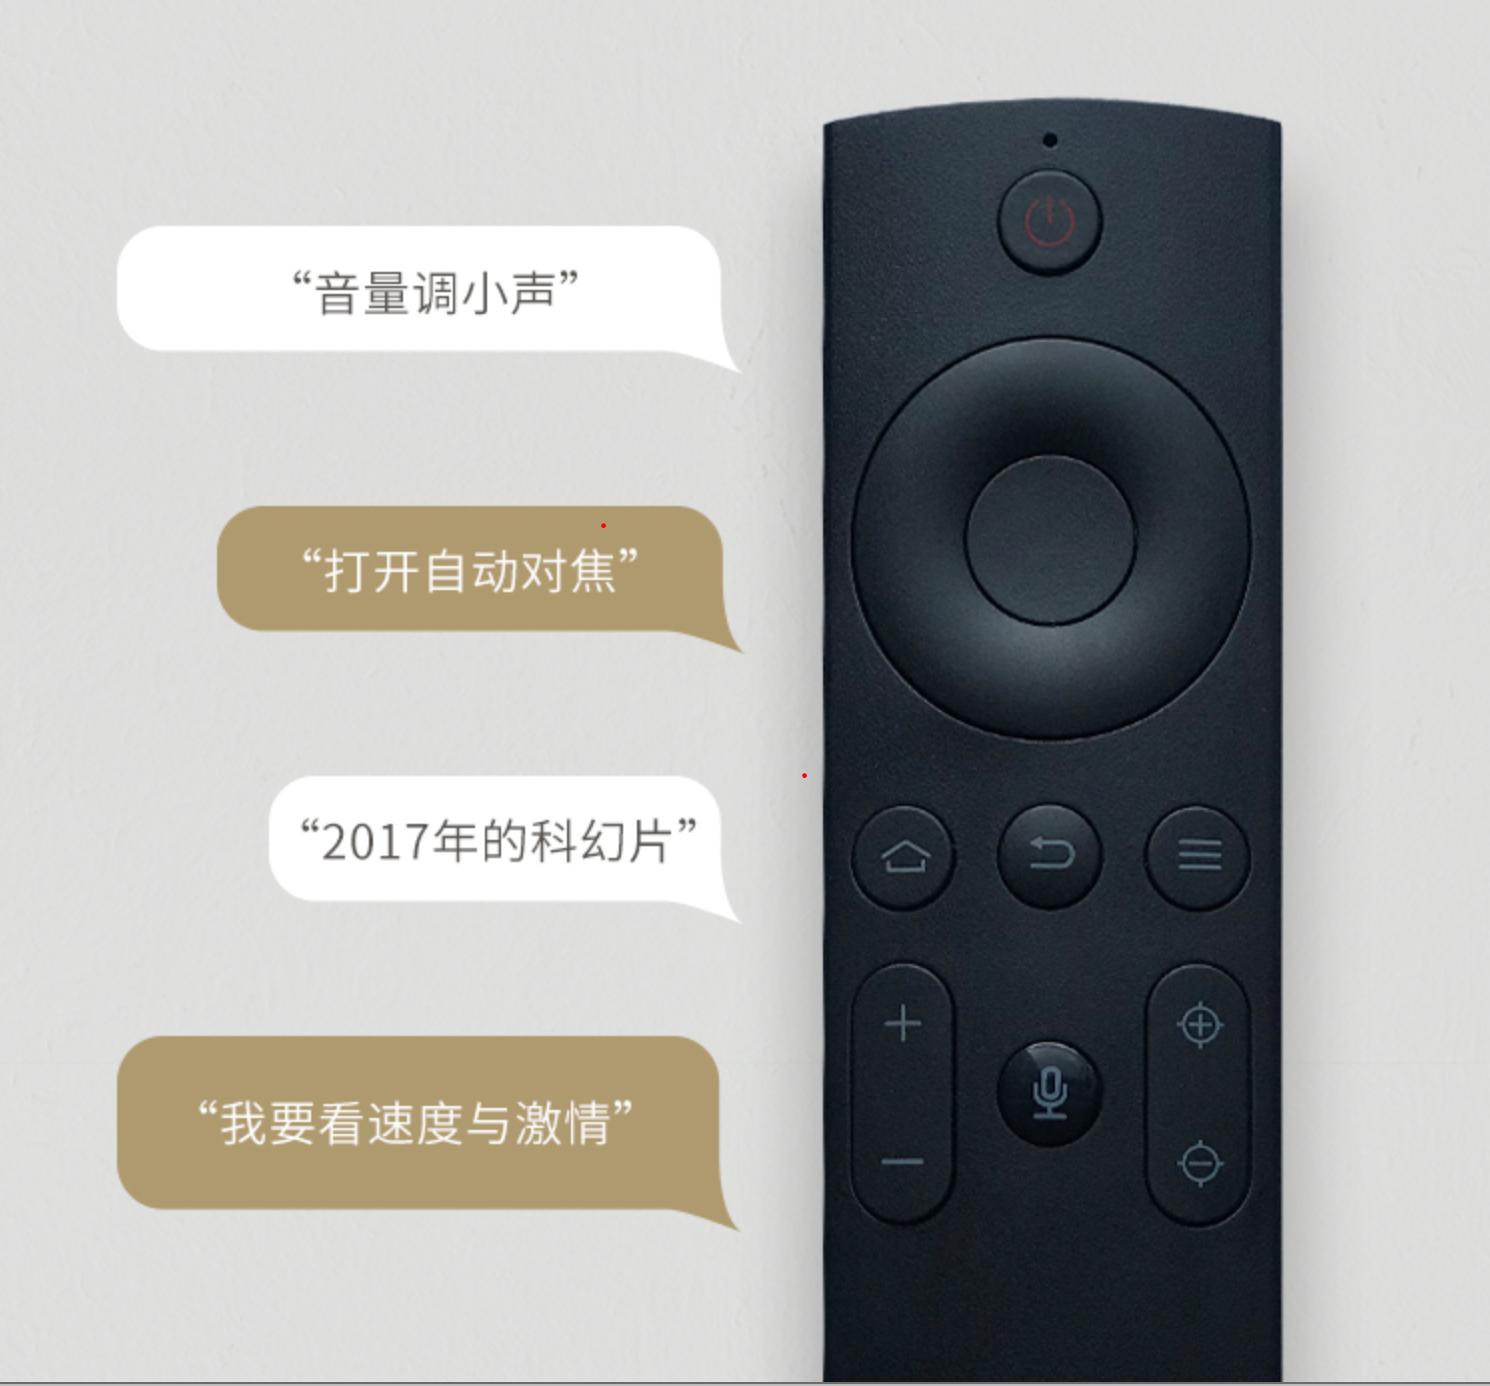 优派智能投影机DH10全新上市 打造娱乐新体验插图(5)